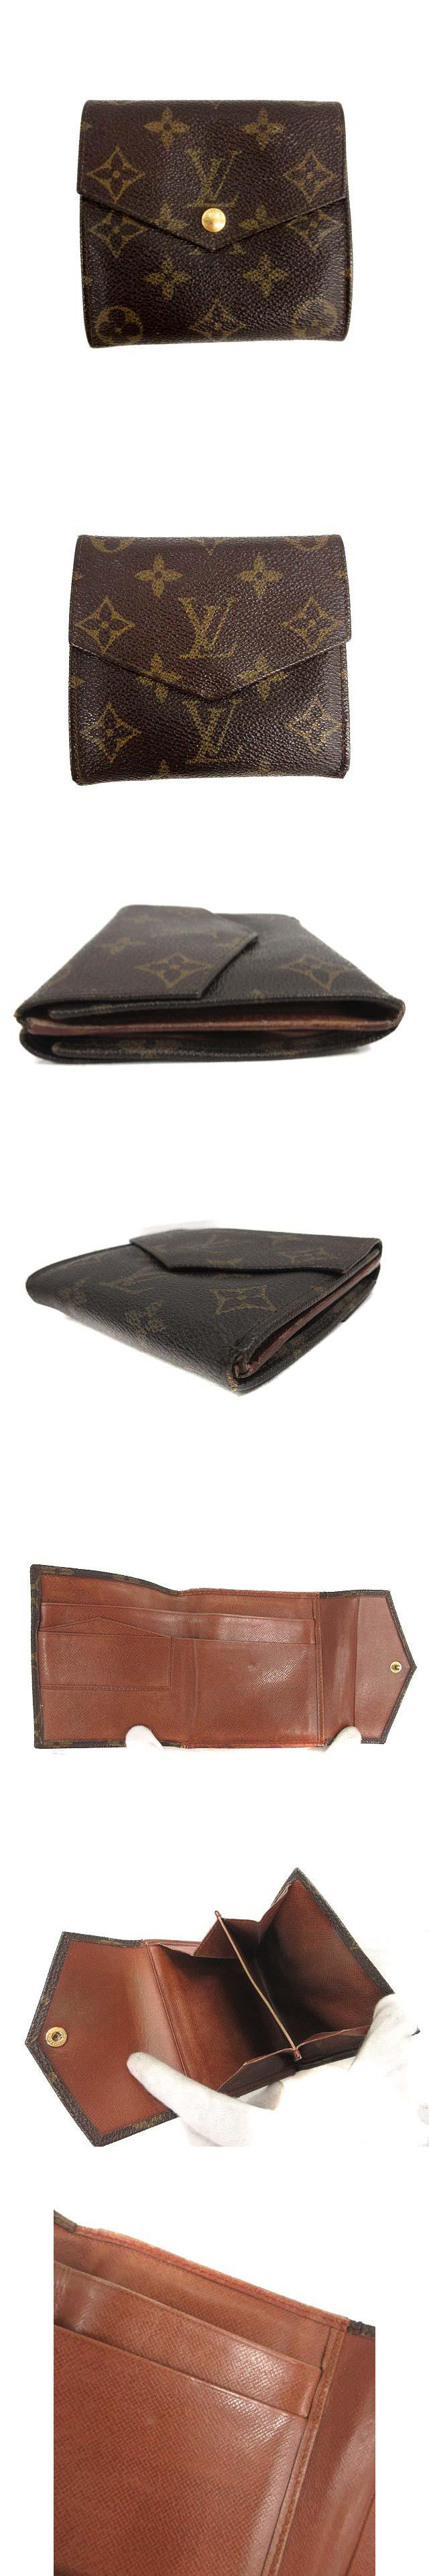 財布 モノグラム ポルトモネ ビエ カルトクレディ 旧型 二つ折り Wホック 茶 M61660 /NT27 ■CA